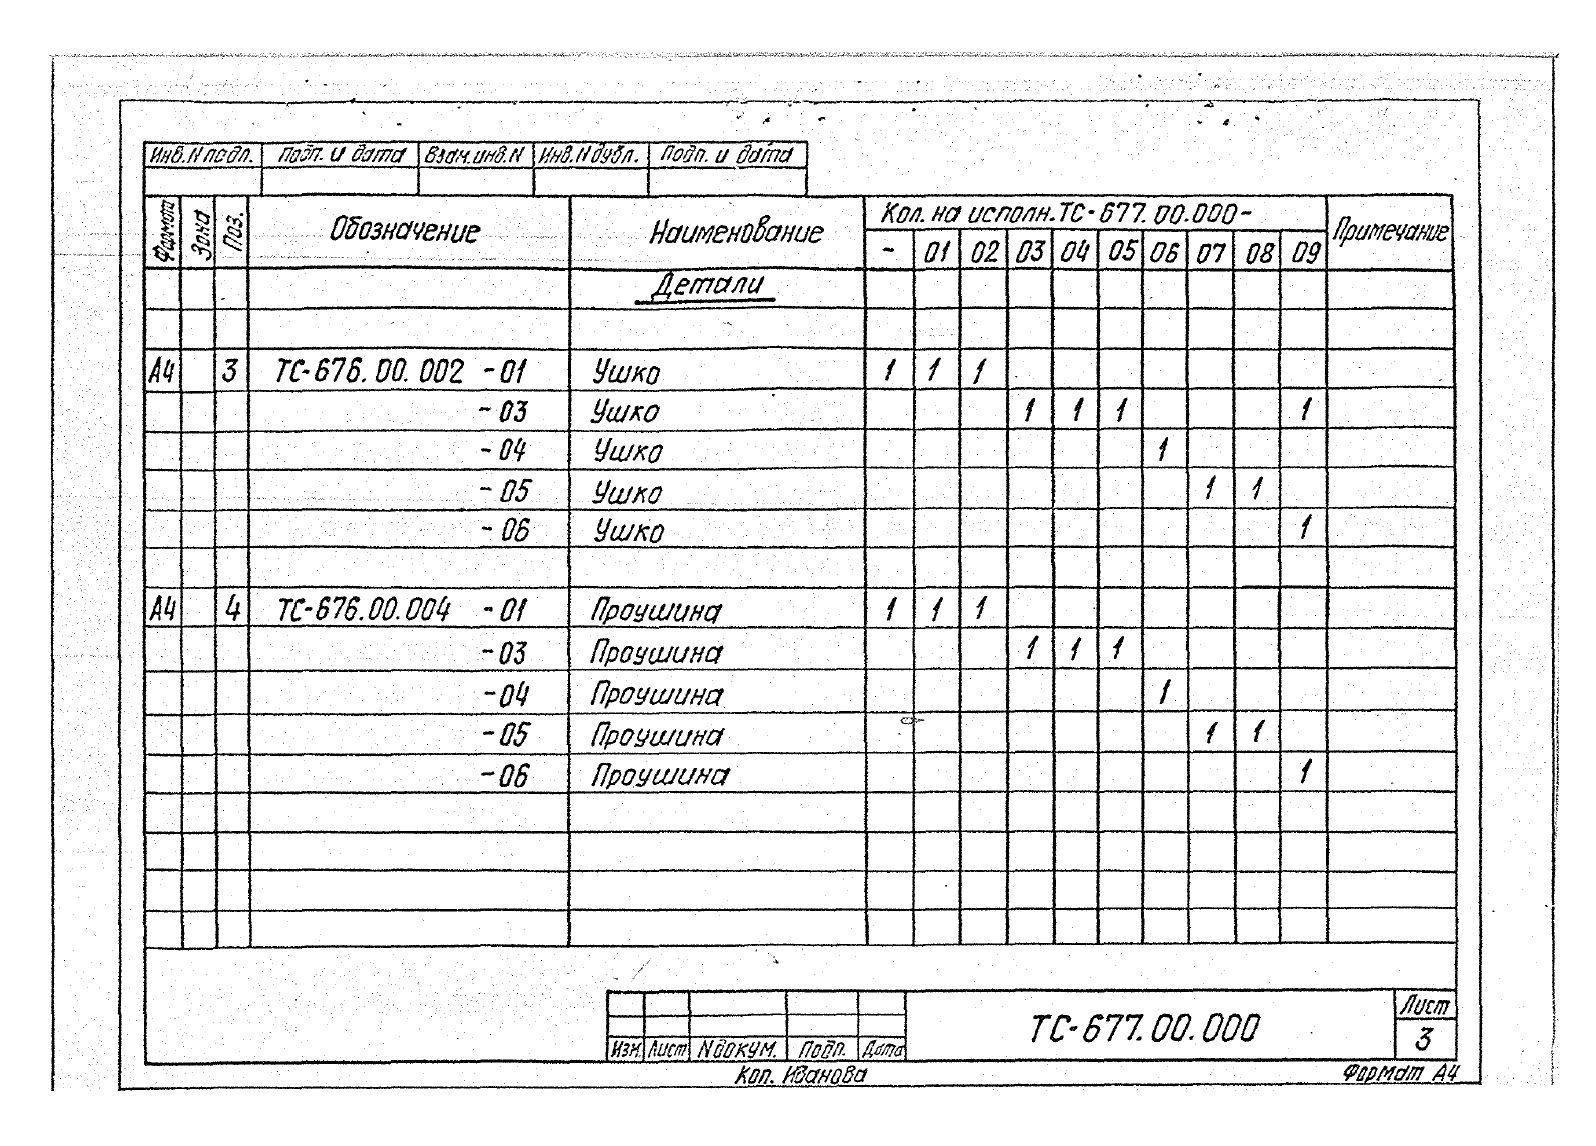 Подвески жесткие Дн 57-530 ТС-677 с.5.903-13 вып.6-95 стр.5